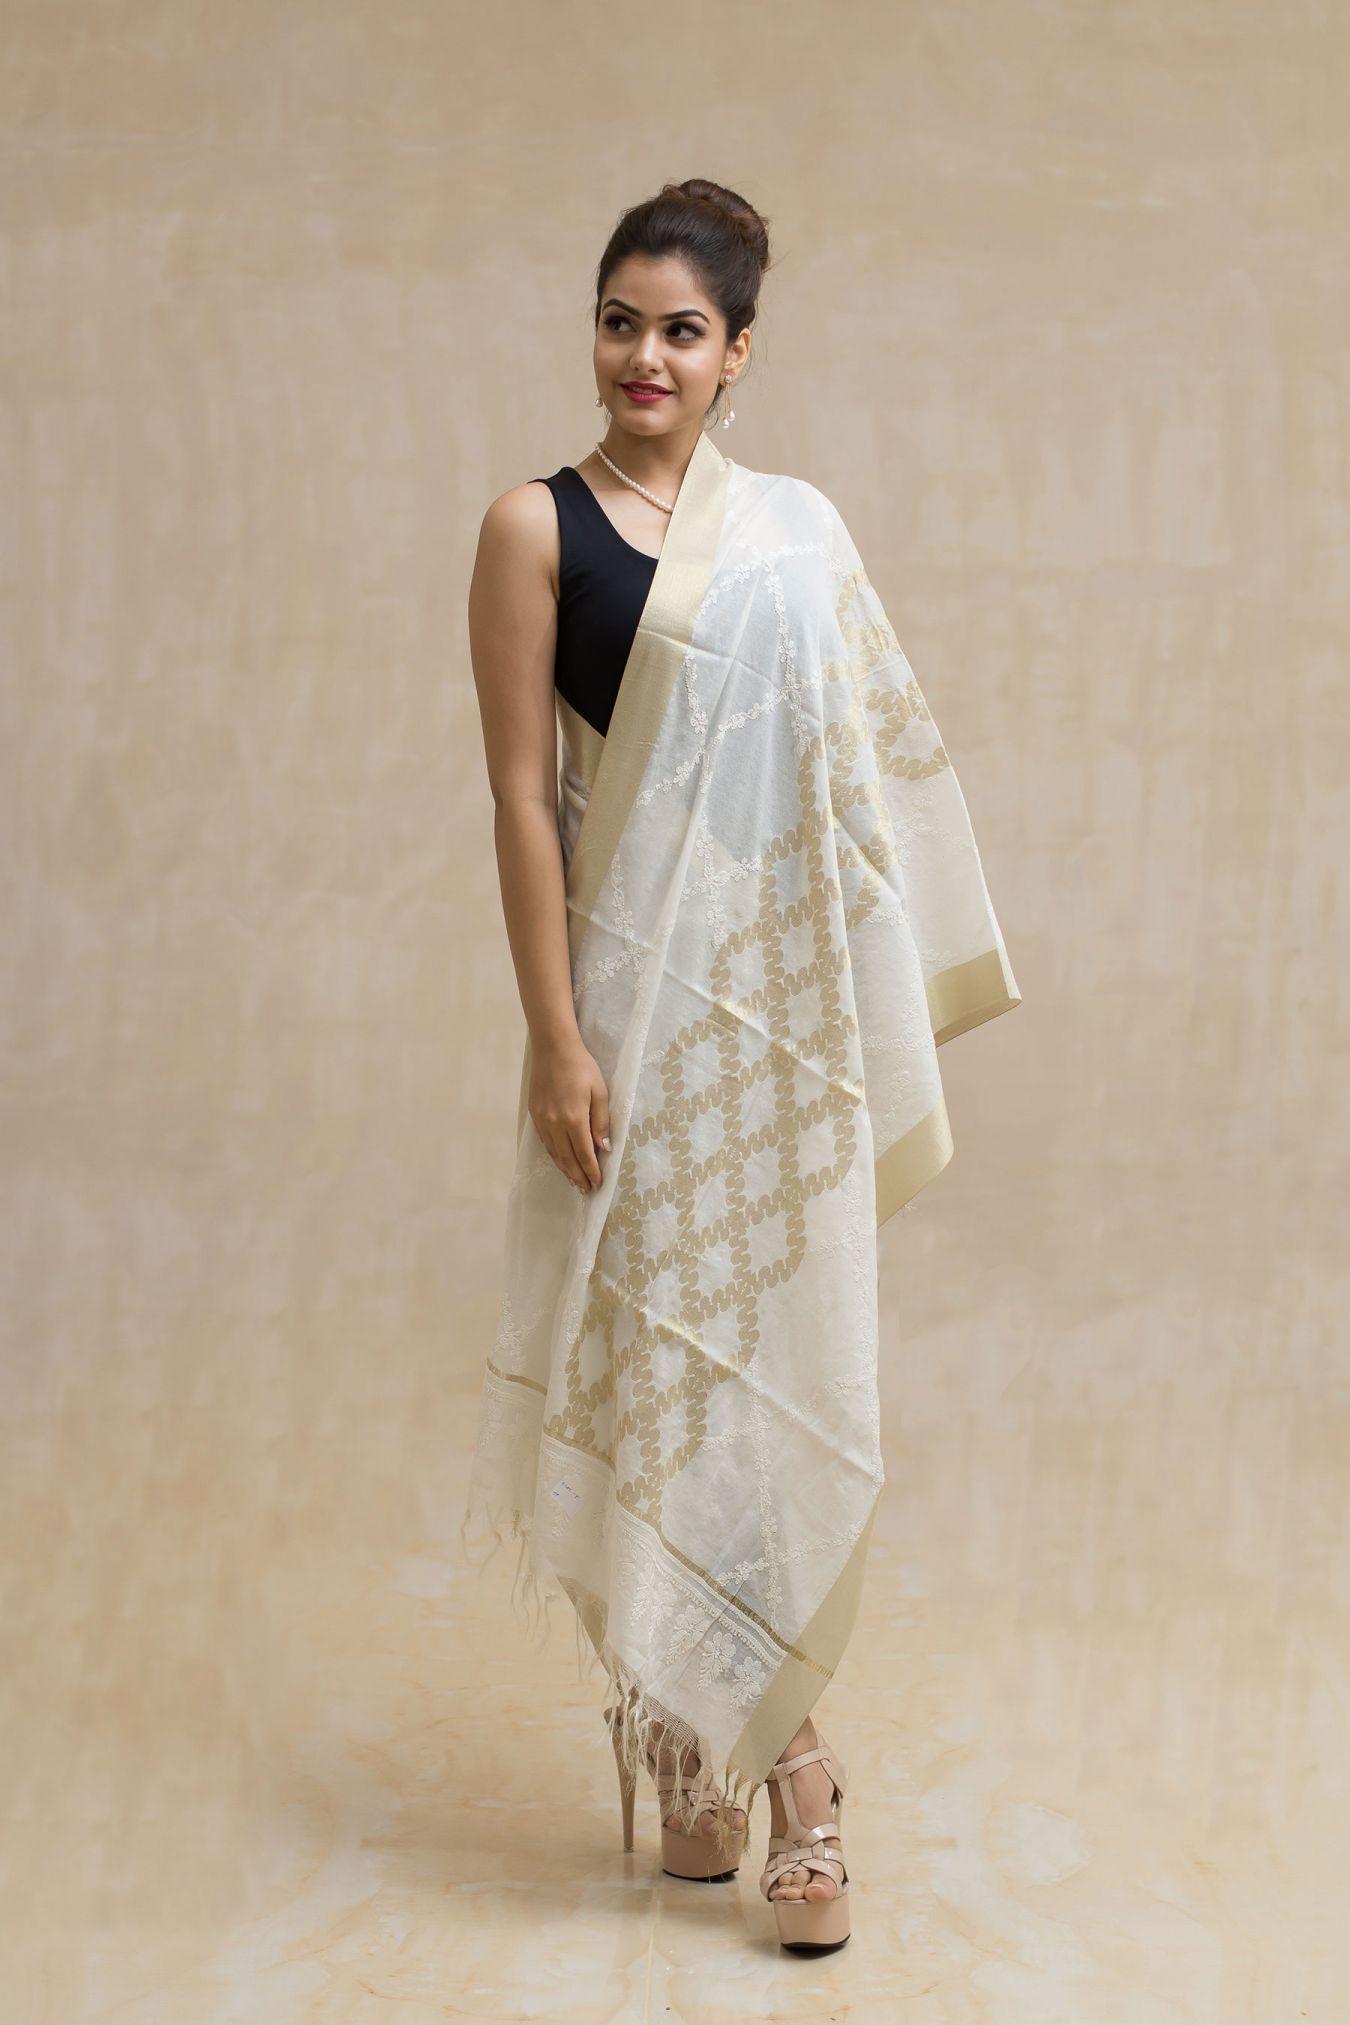 Refulgent White Handcrafted Chikan Banarasi All Over Dupatta